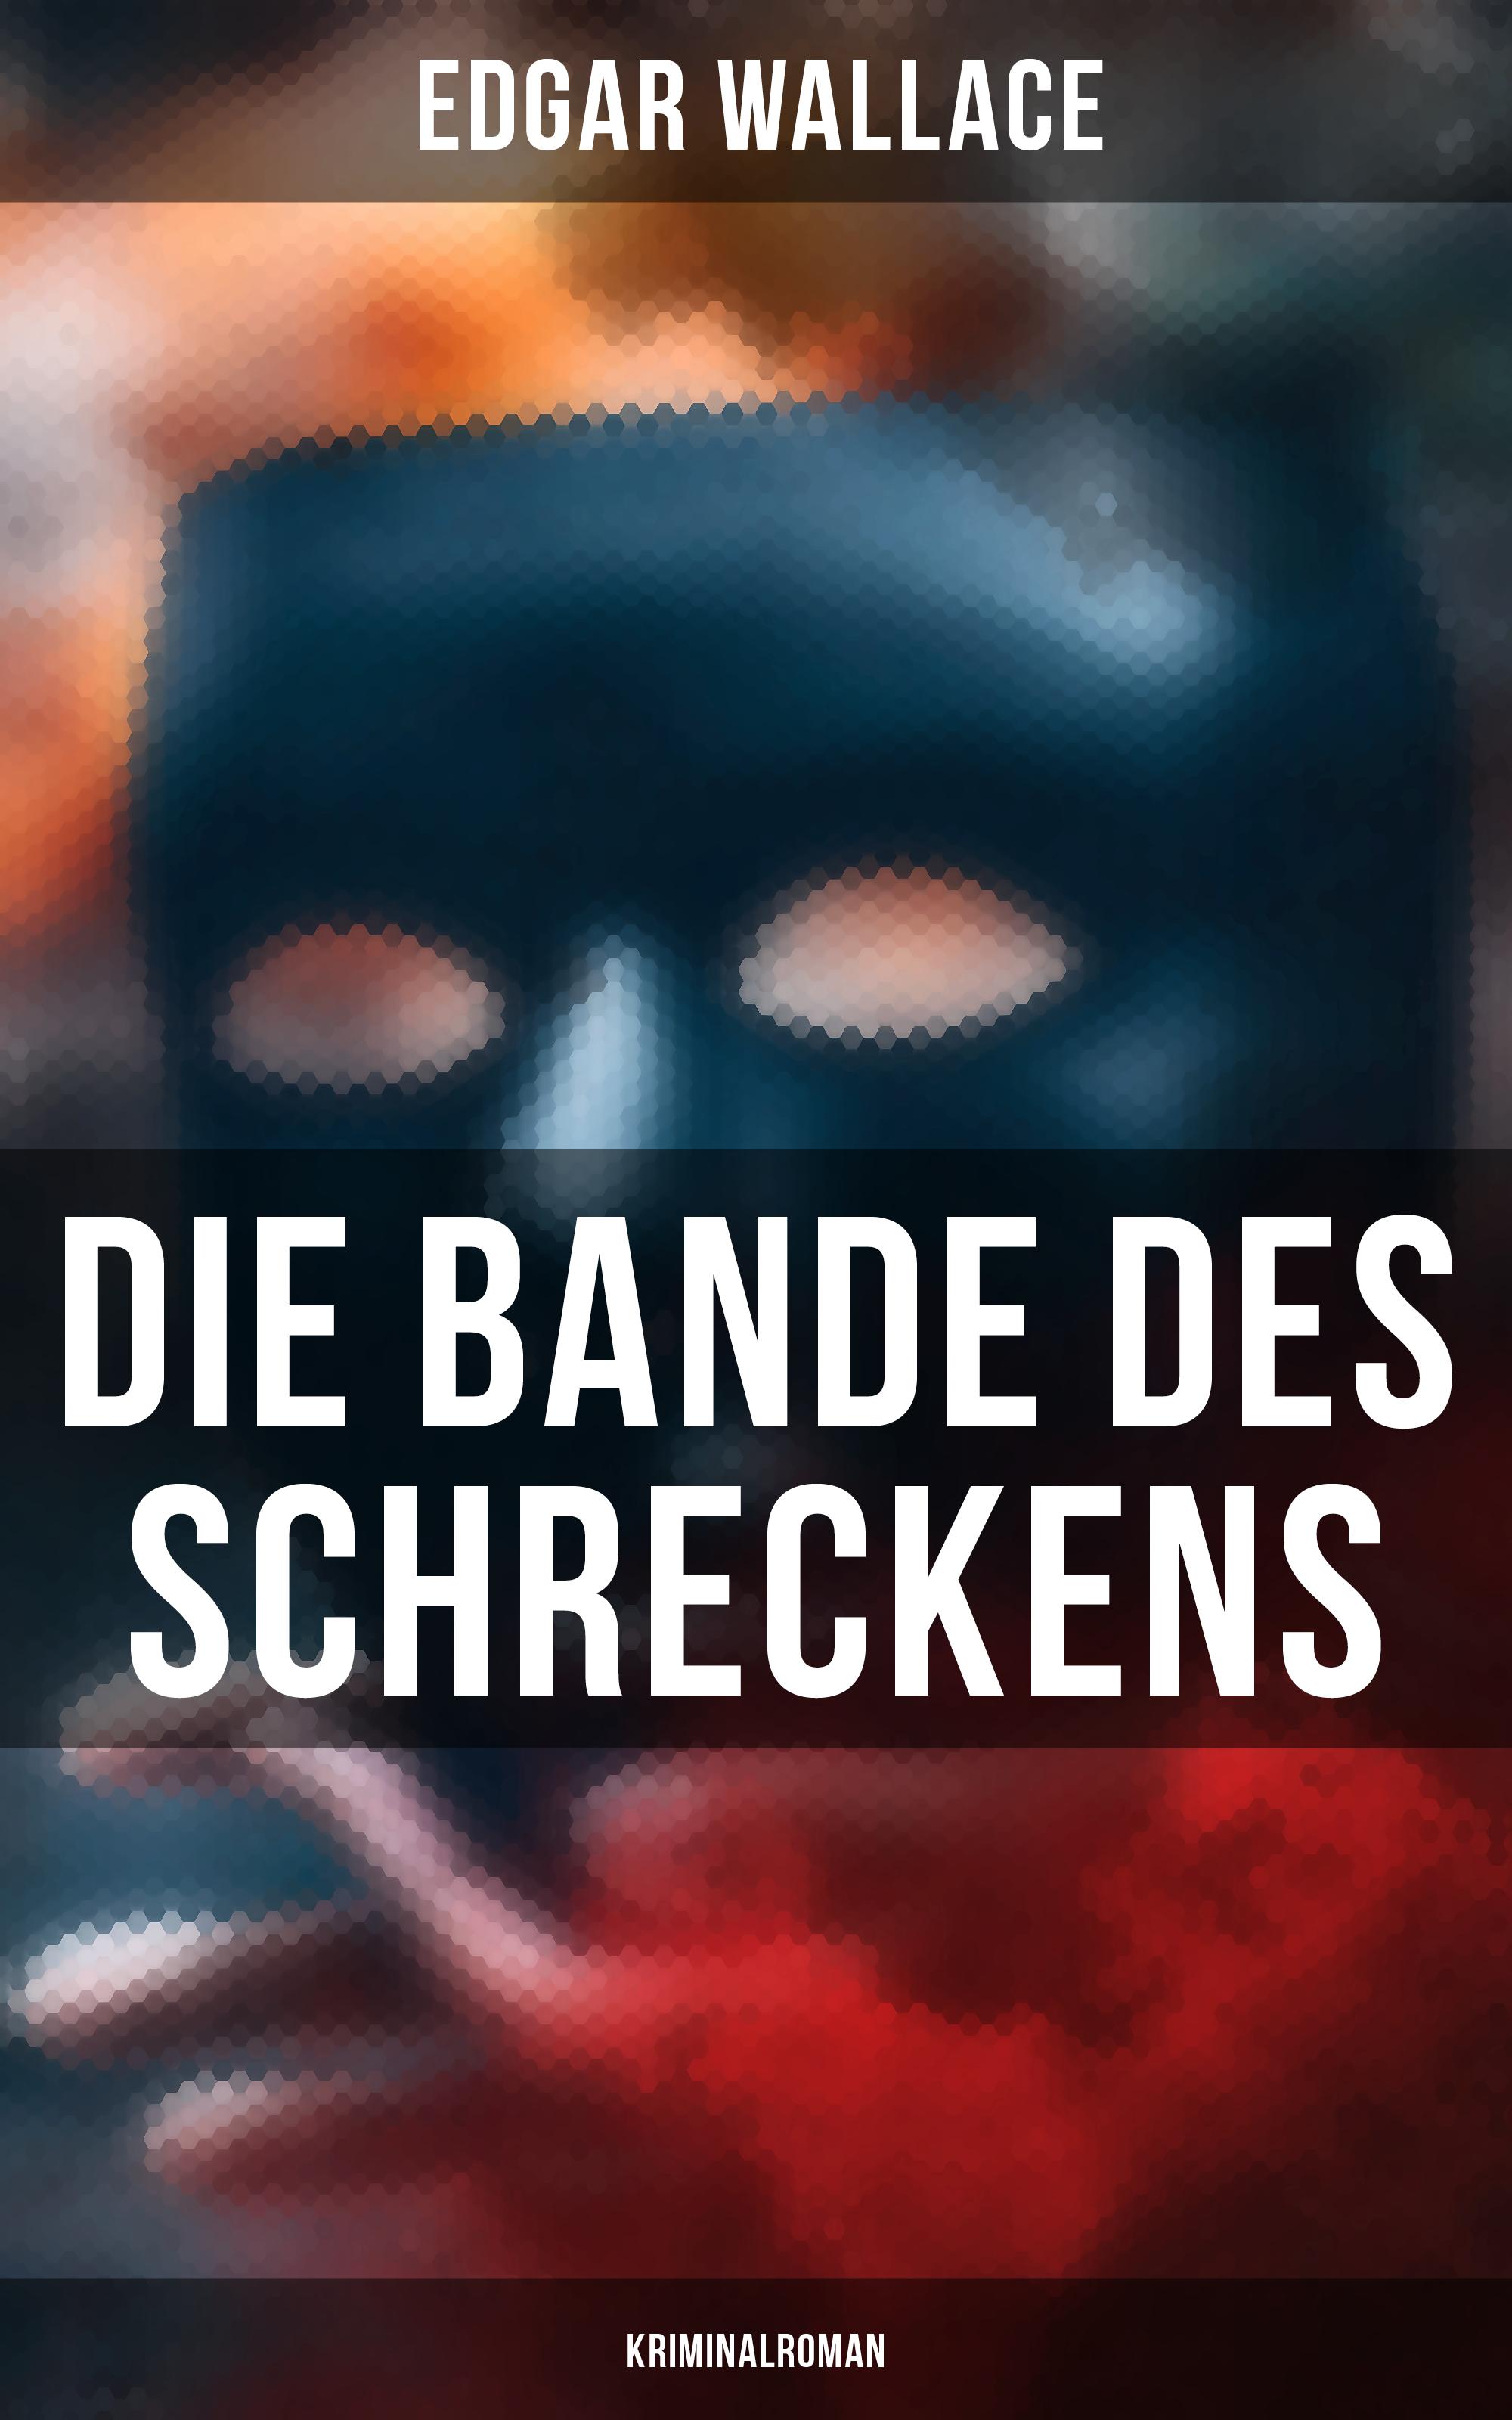 Edgar Wallace Die Bande des Schreckens: Kriminalroman hans gunther politz alphabet des schreckens